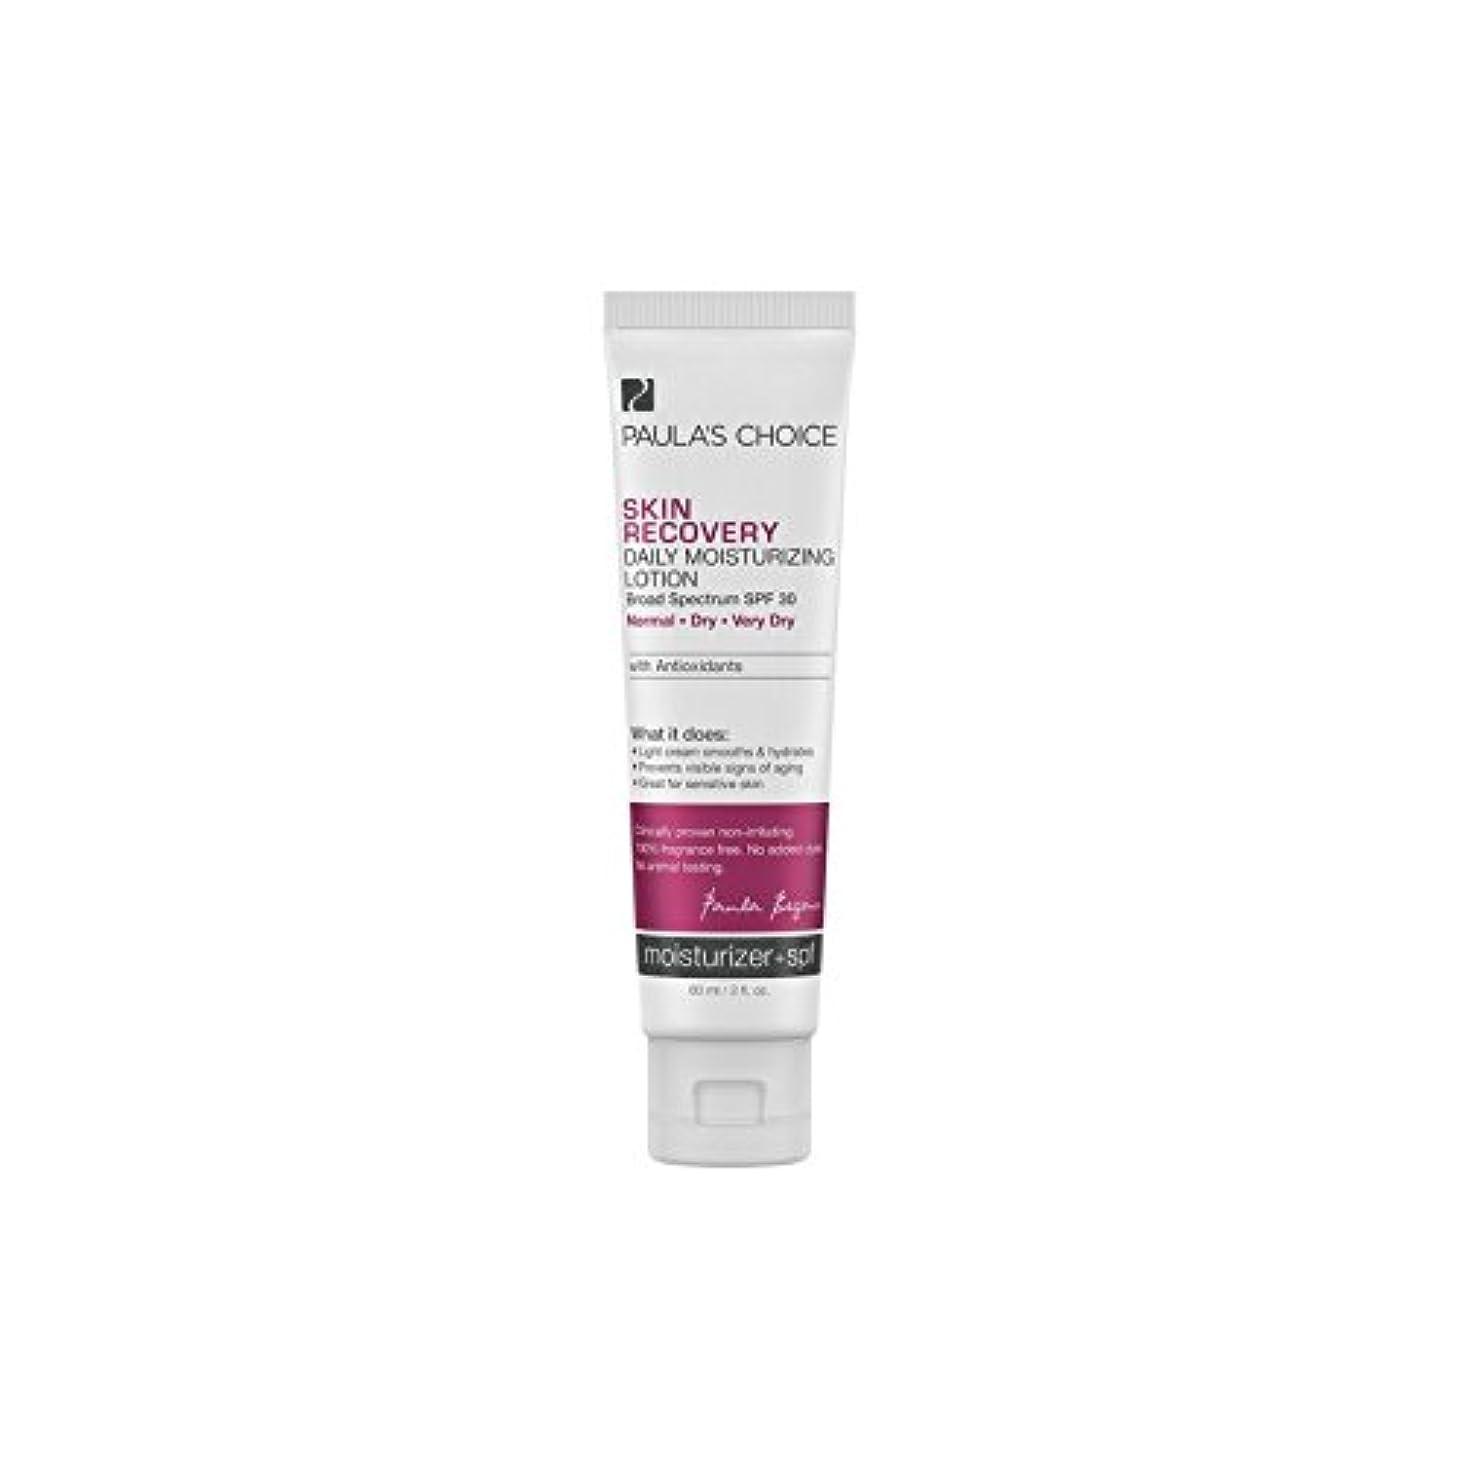 開始カウボーイ着替えるPaula's Choice Skin Recovery Daily Moisturizing Lotion Spf30 (60ml) - ポーラチョイスの肌の回復毎日の保湿ローション30(60ミリリットル) [並行輸入品]